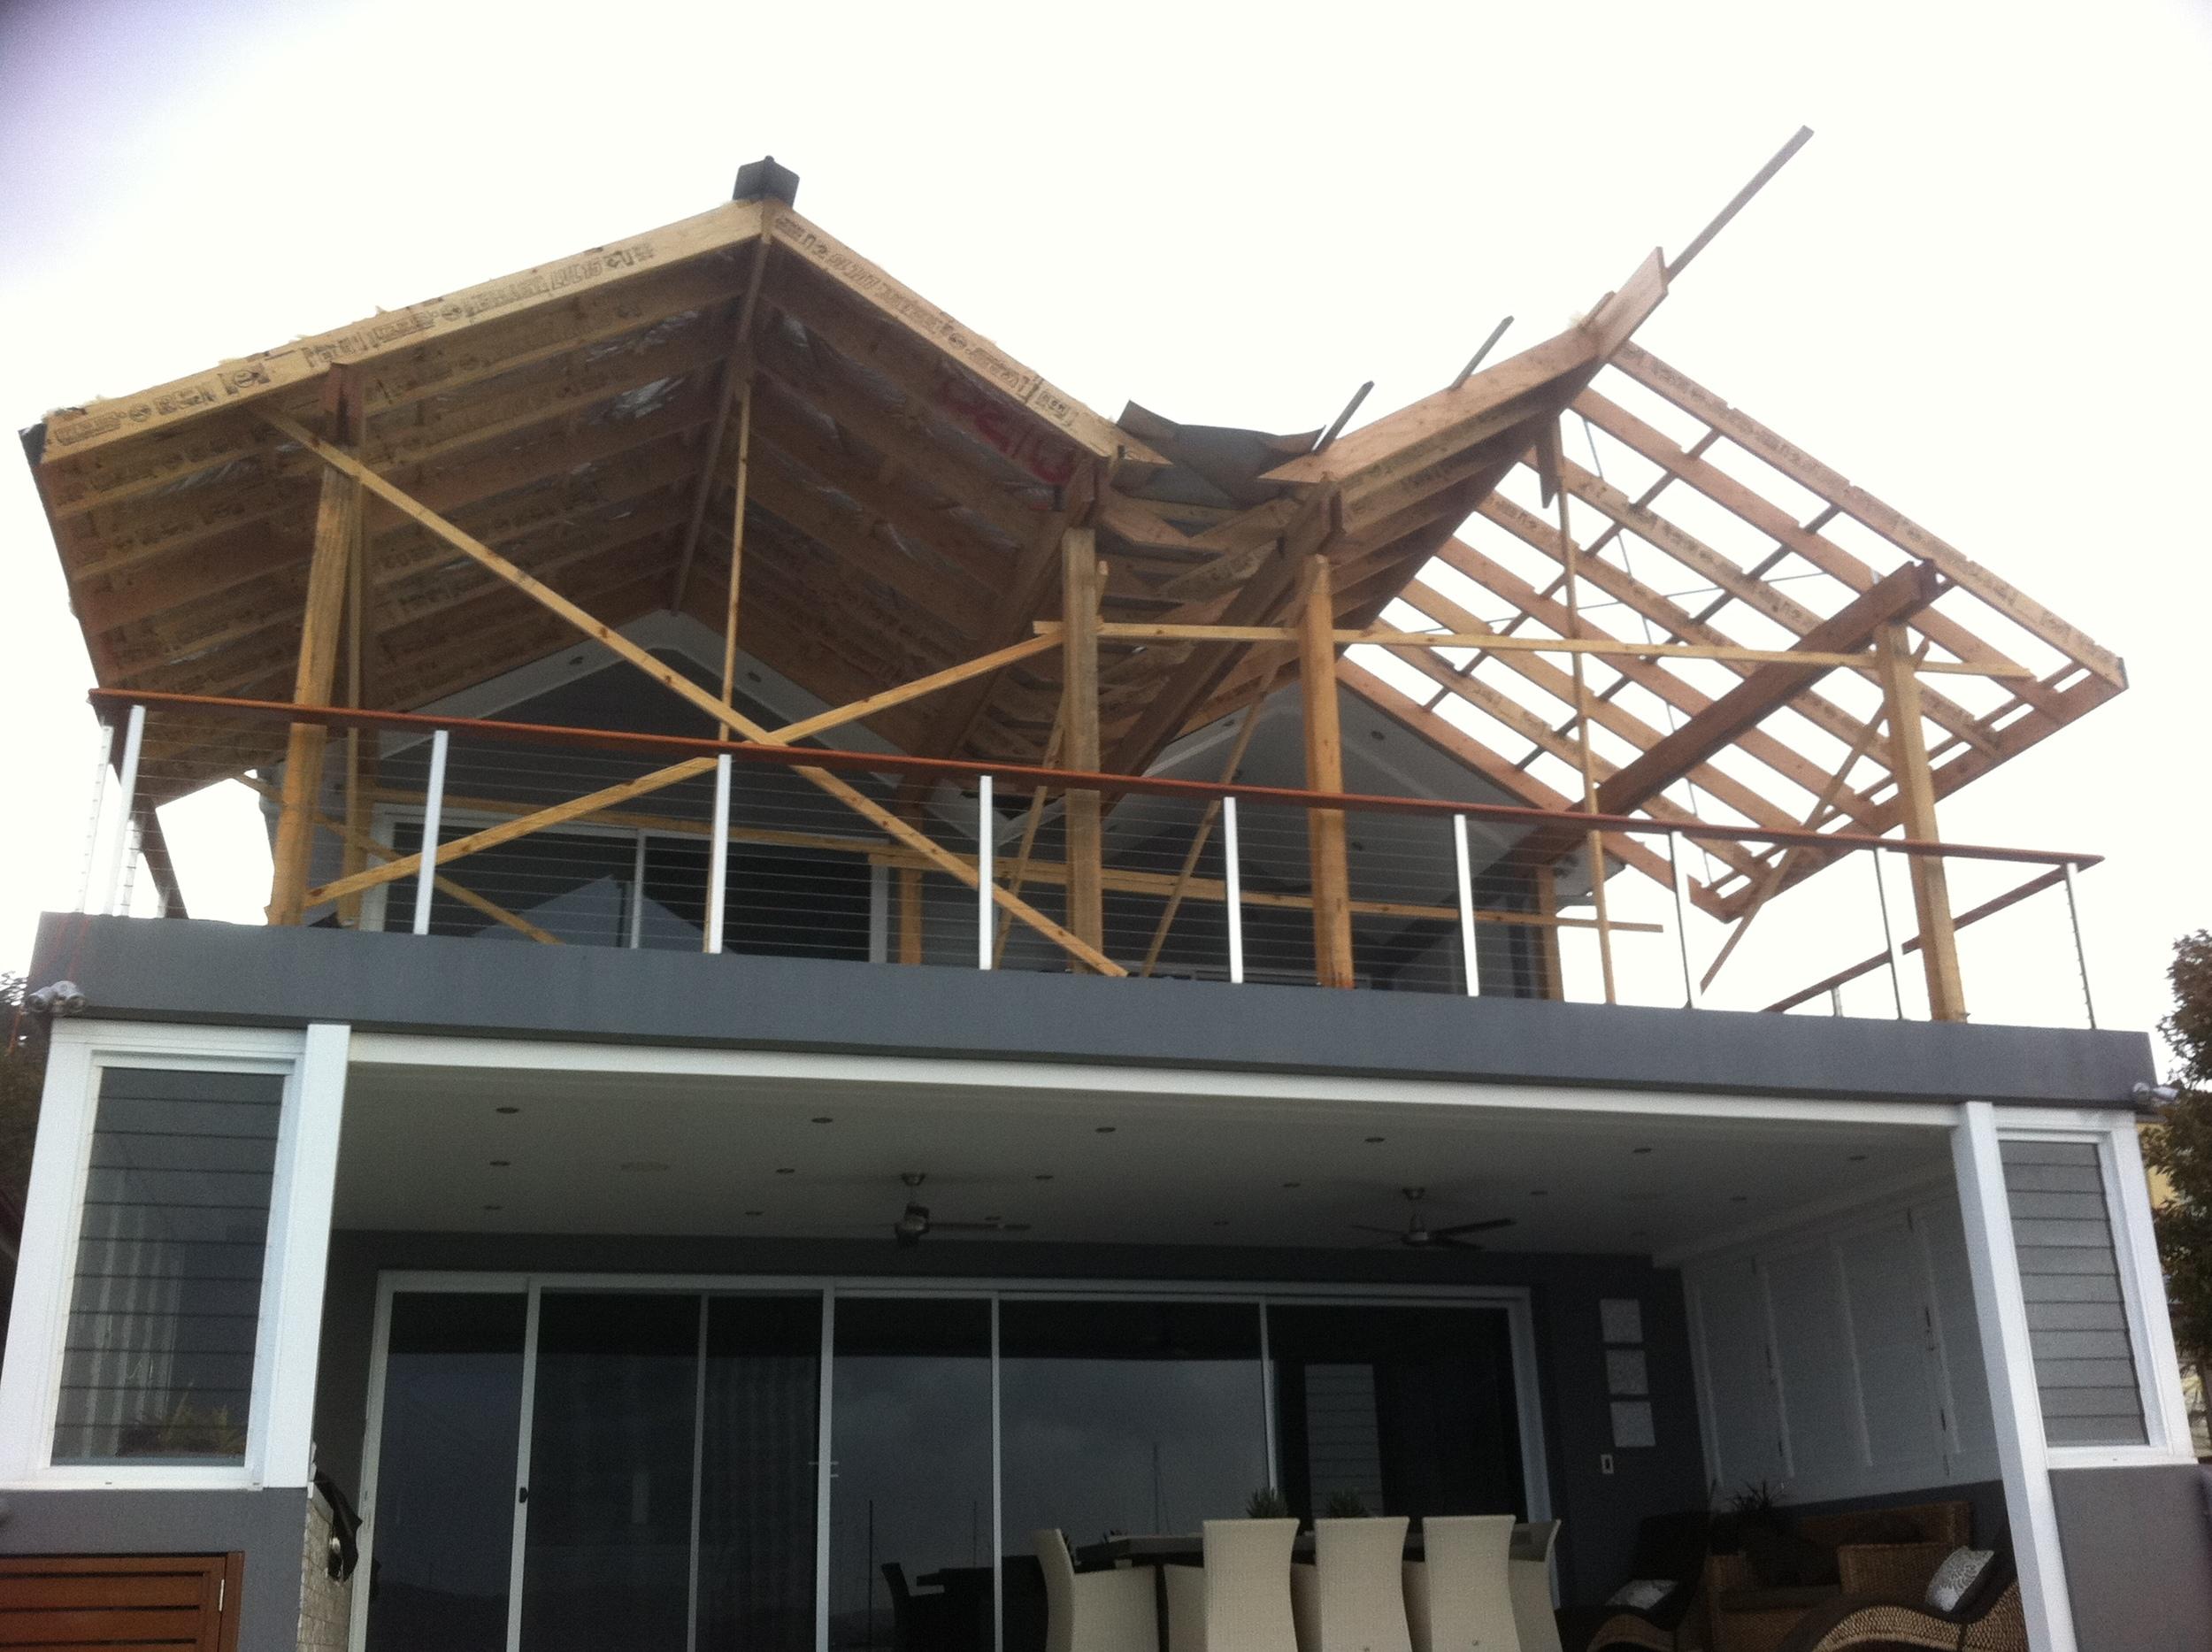 Saratoga: Upper level extension